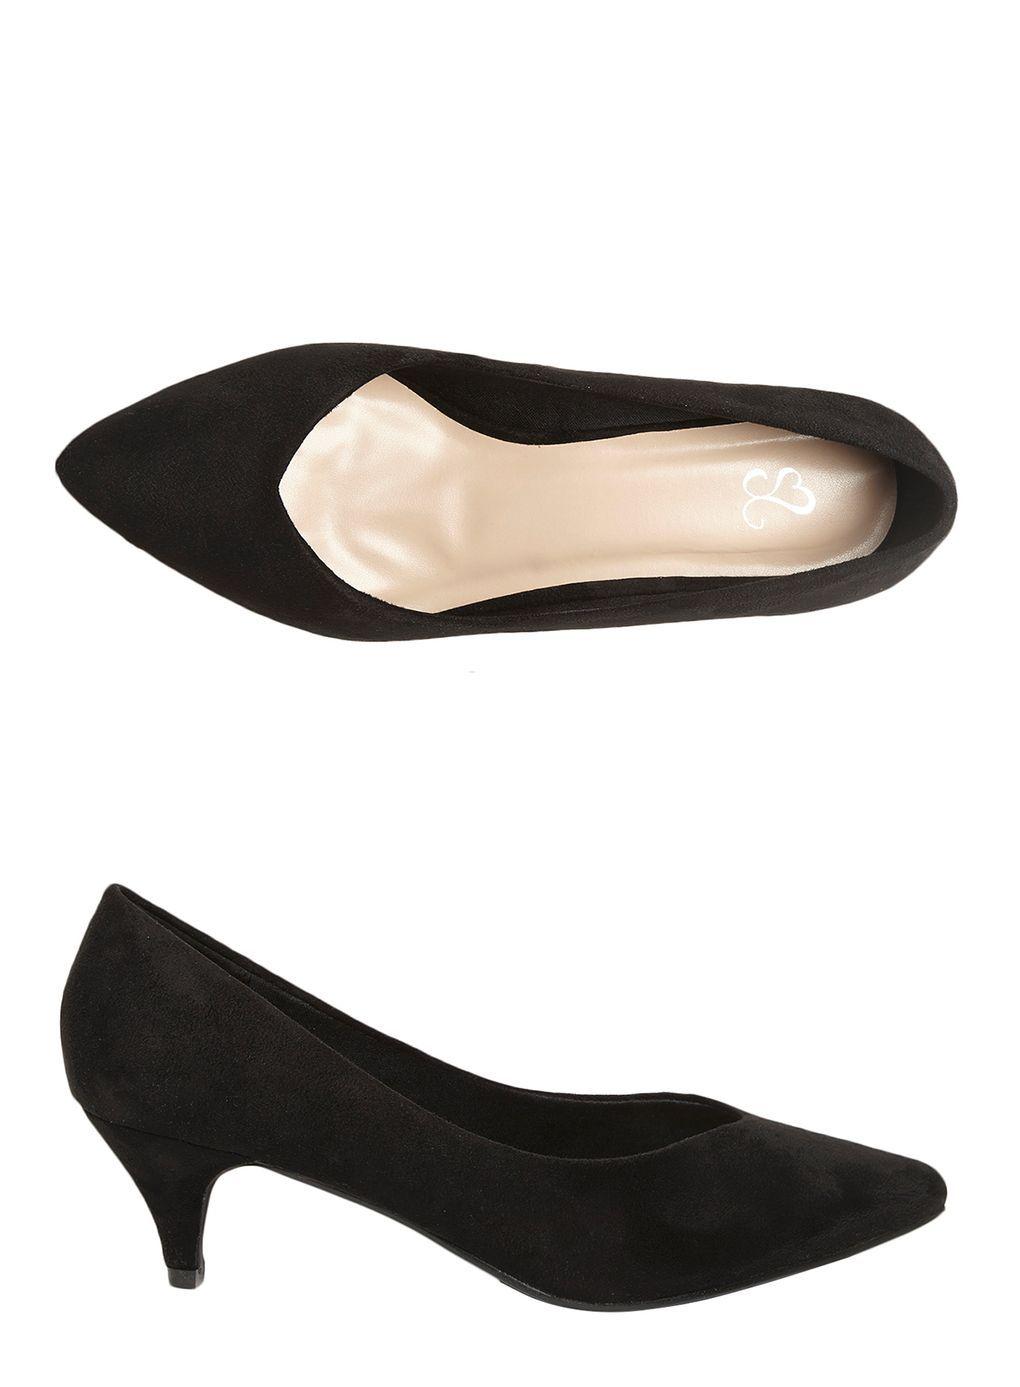 Black Suedette Kitten Heel Court Shoes Heels Court Shoes Kitten Heels